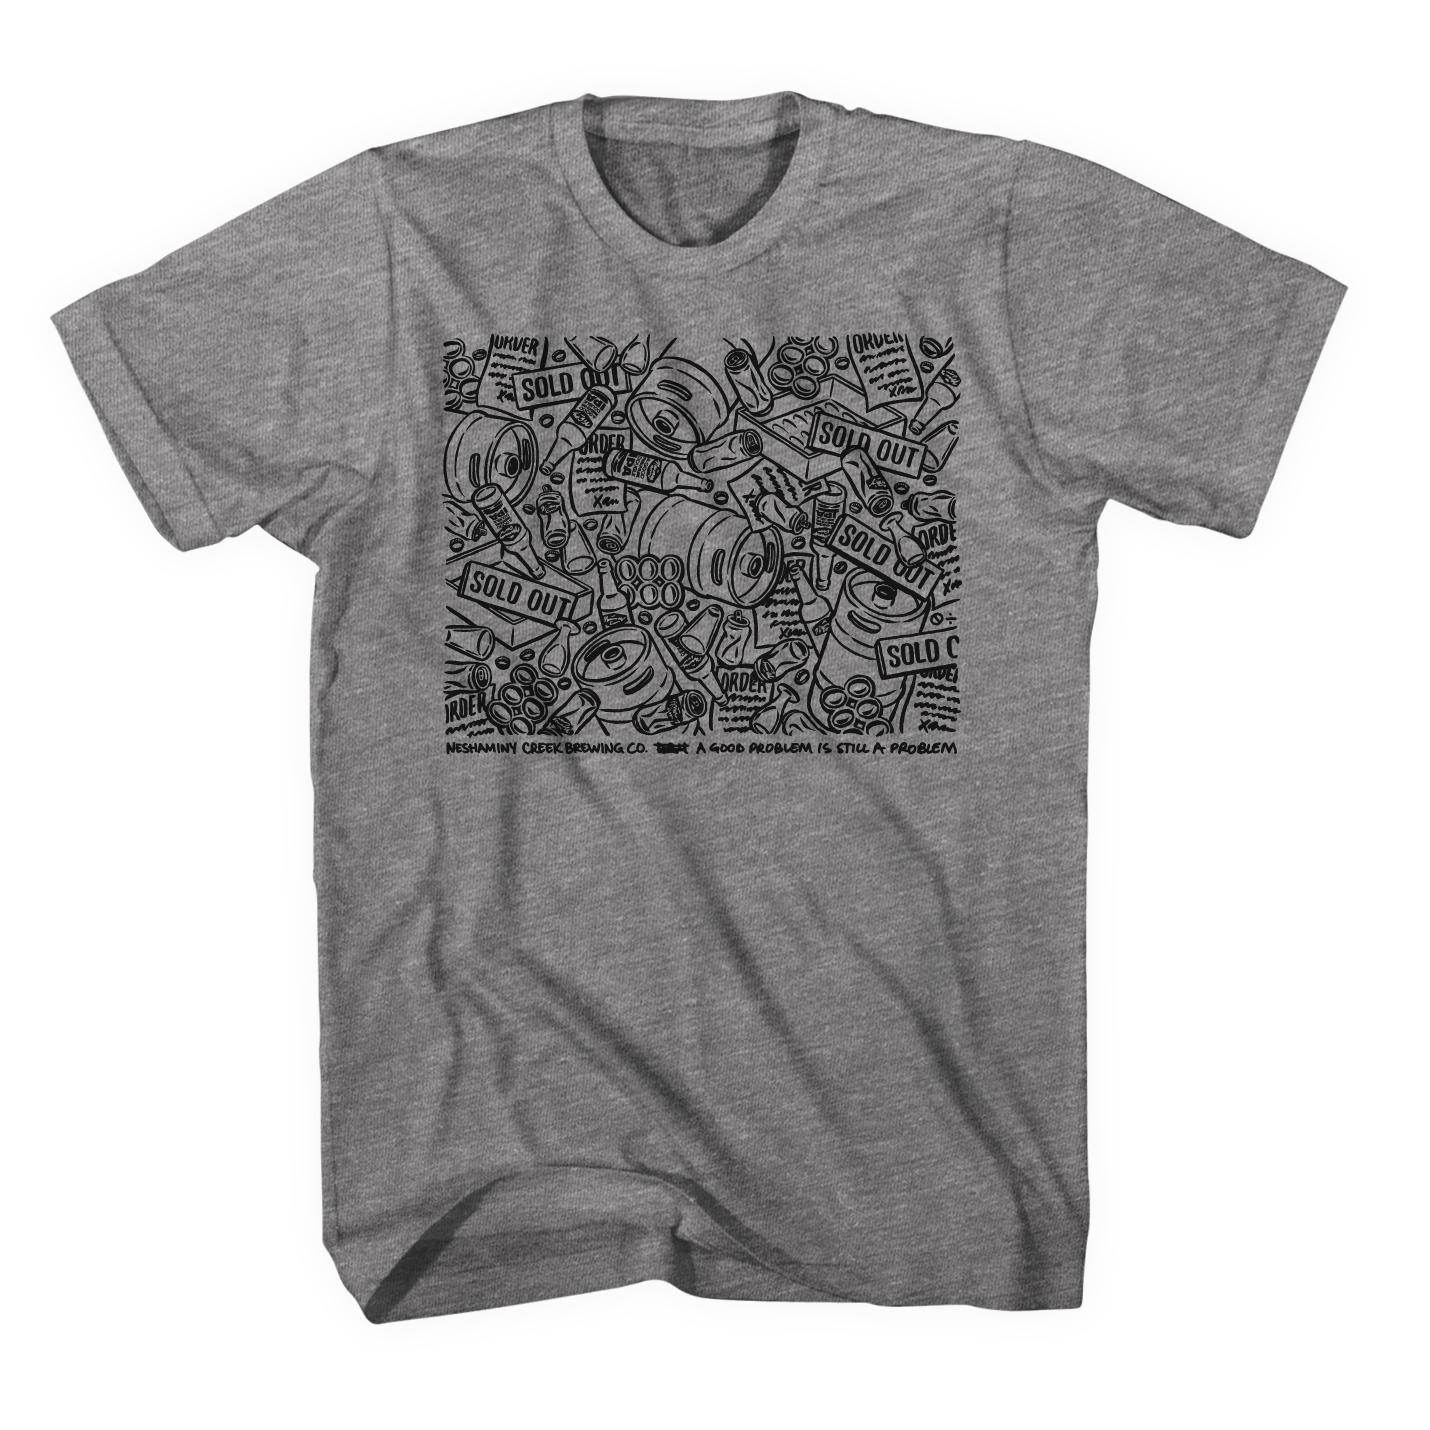 NCBC_GoodProblem_Shirt.png